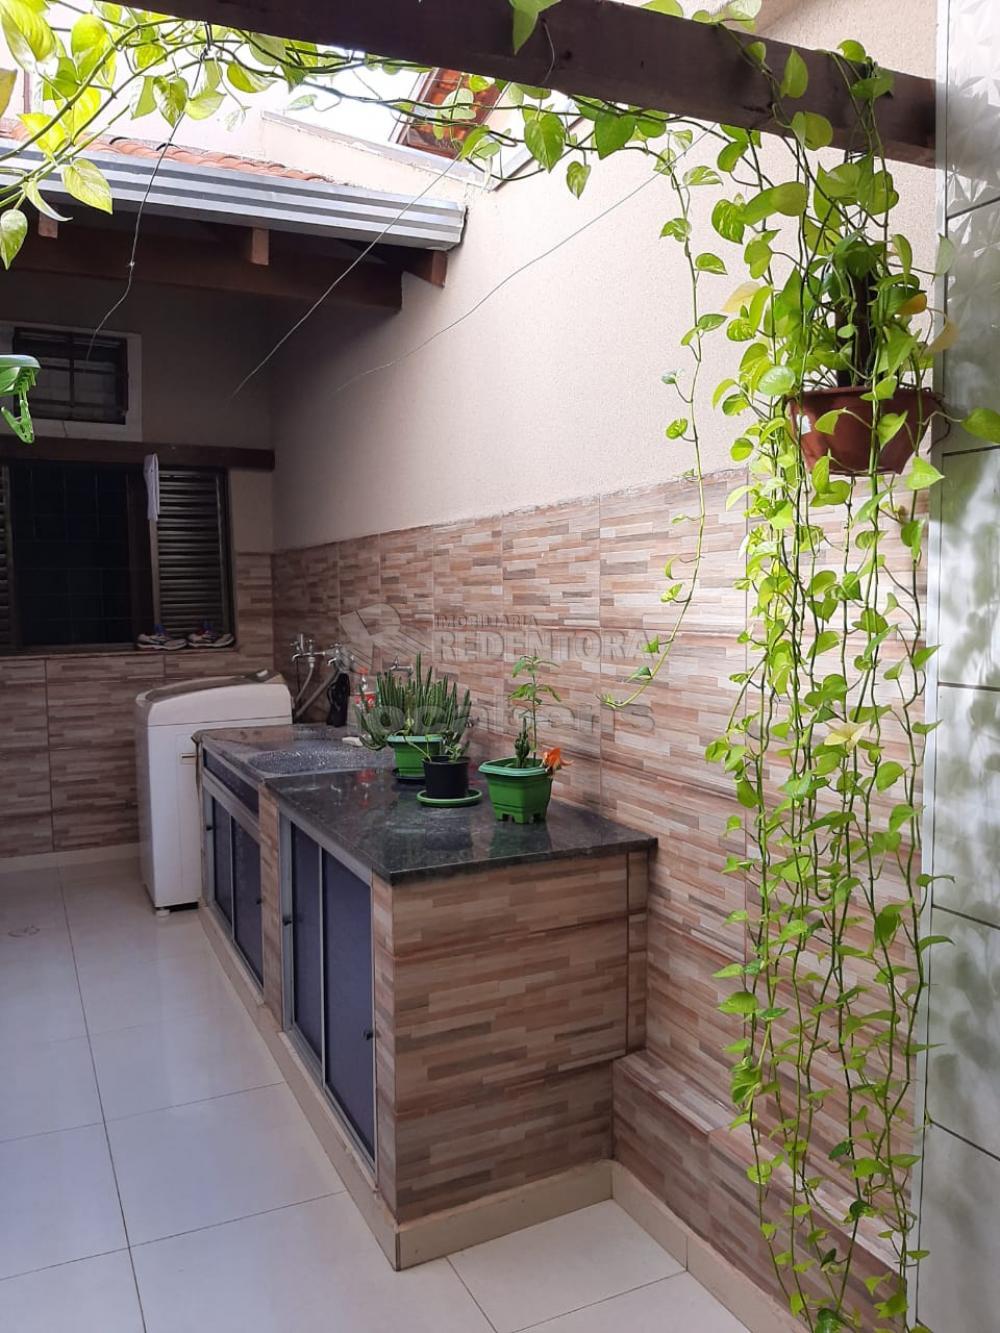 Comprar Casa / Padrão em São José do Rio Preto apenas R$ 380.000,00 - Foto 27